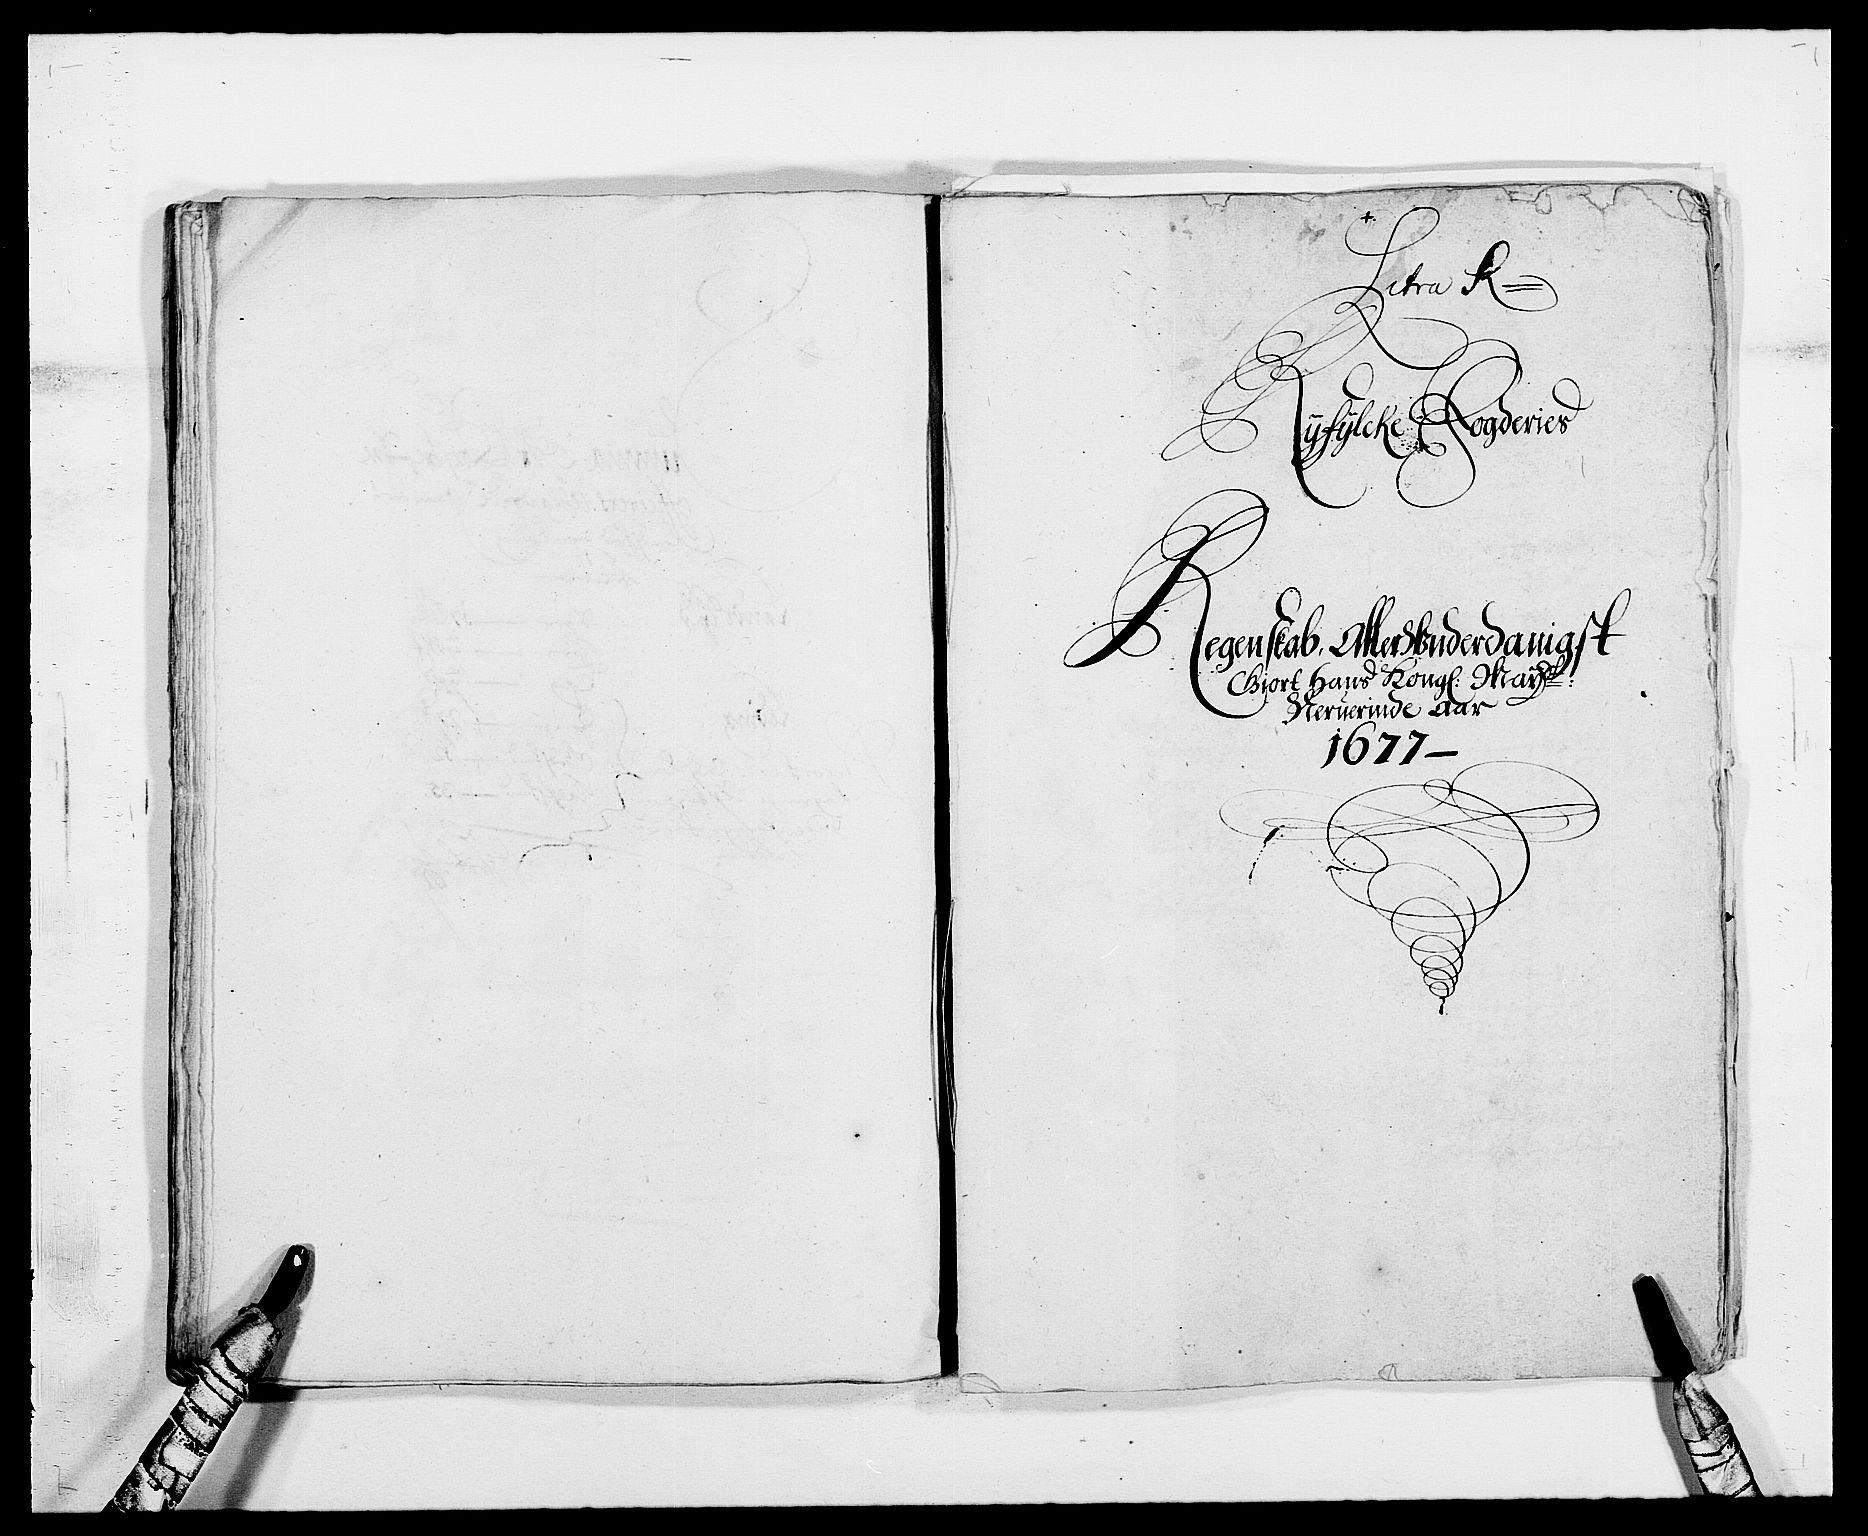 RA, Rentekammeret inntil 1814, Reviderte regnskaper, Fogderegnskap, R47/L2847: Fogderegnskap Ryfylke, 1677, s. 255